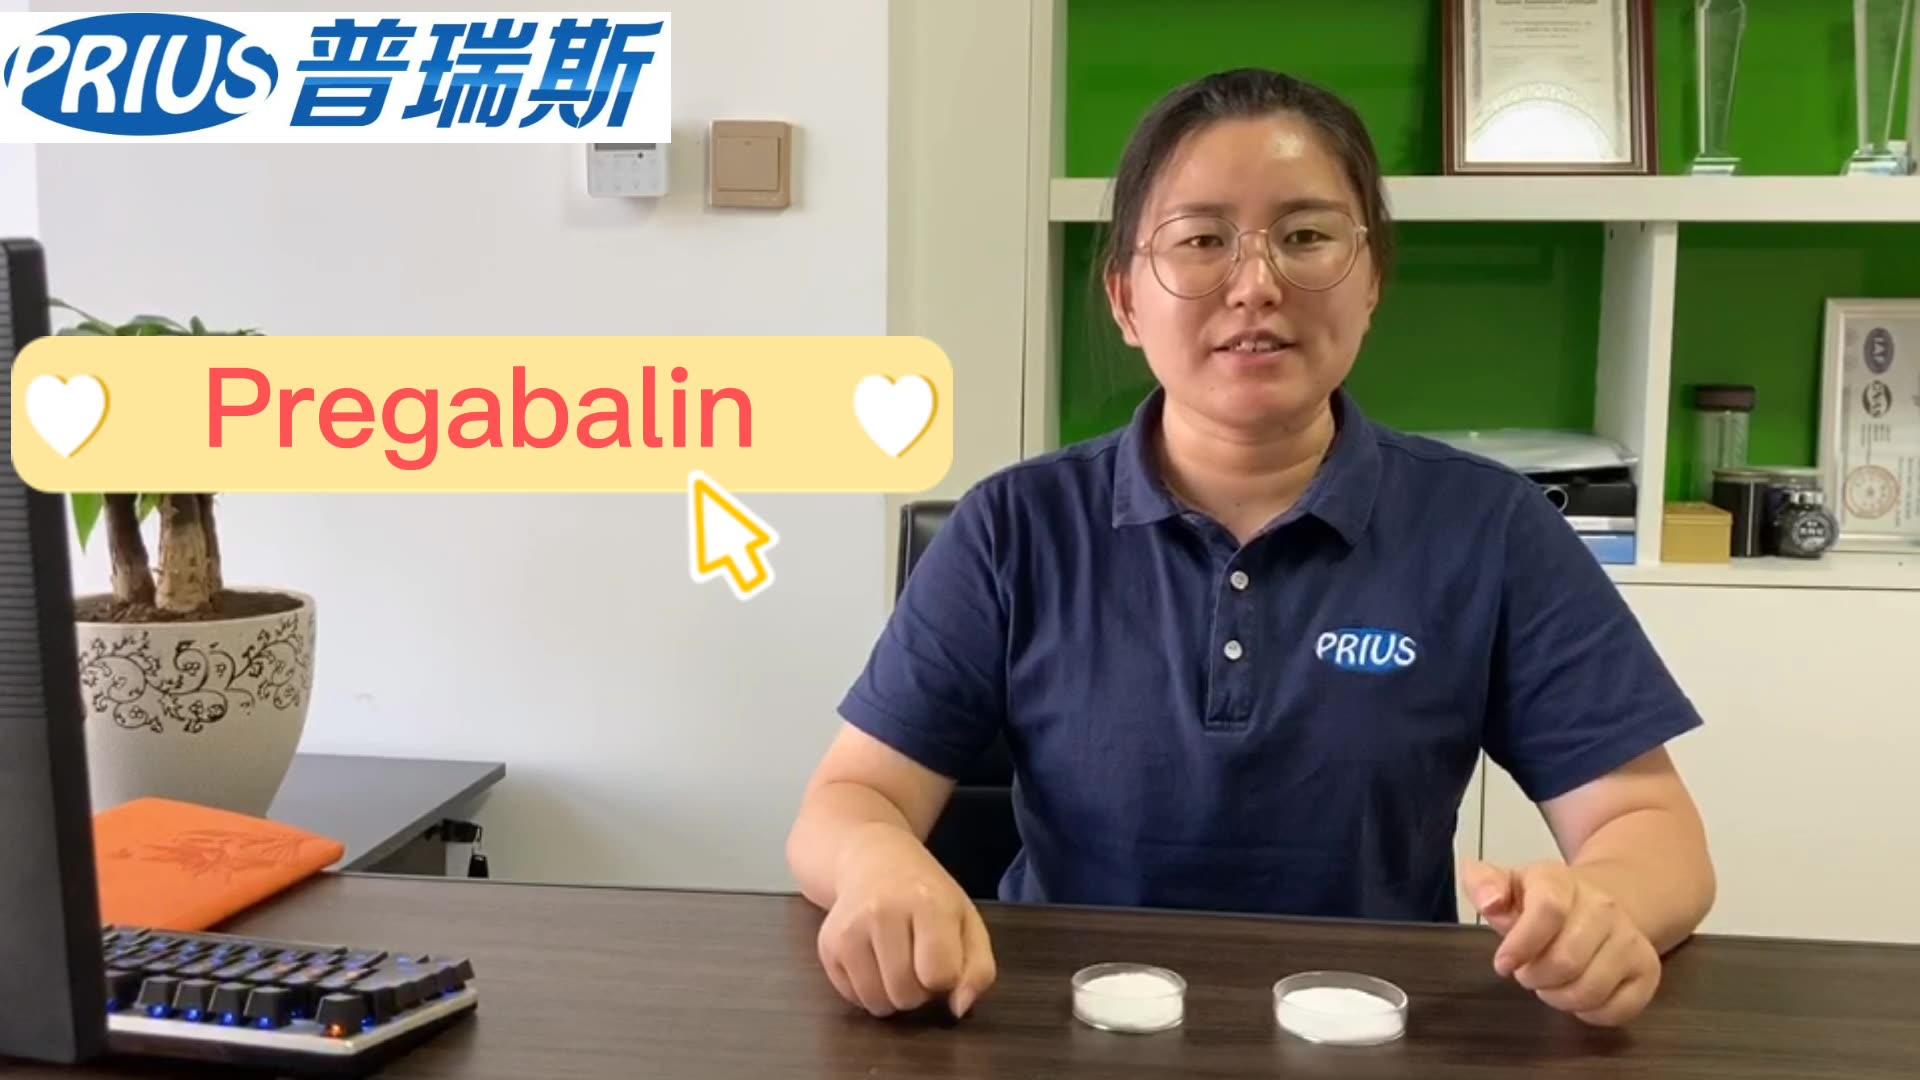 Hoge Zuiverheid Pregabalin 300Mg Capsules 4 Methylpregabalin Lyrica Poeders 99%